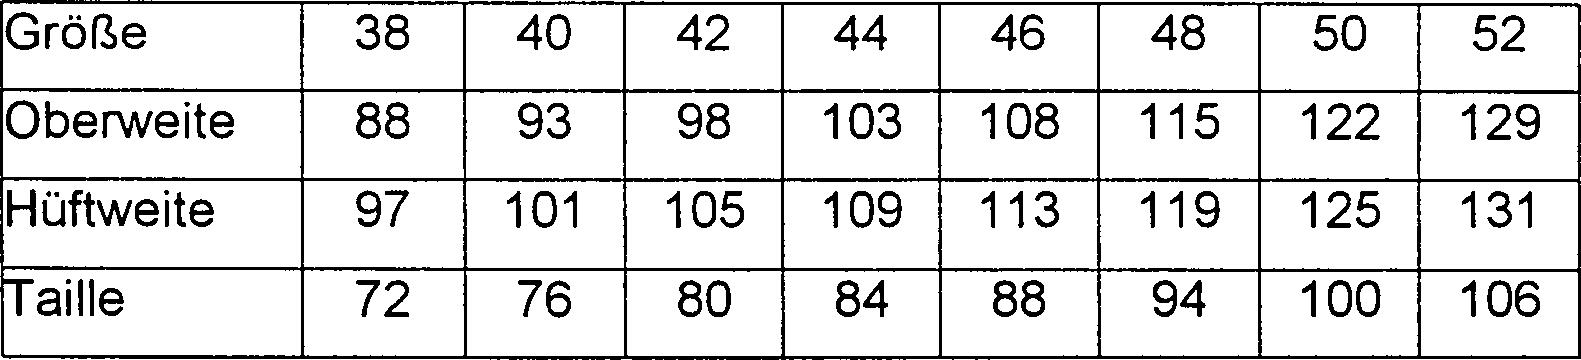 DE10136074B4 - Verfahren zum Gradieren von ...